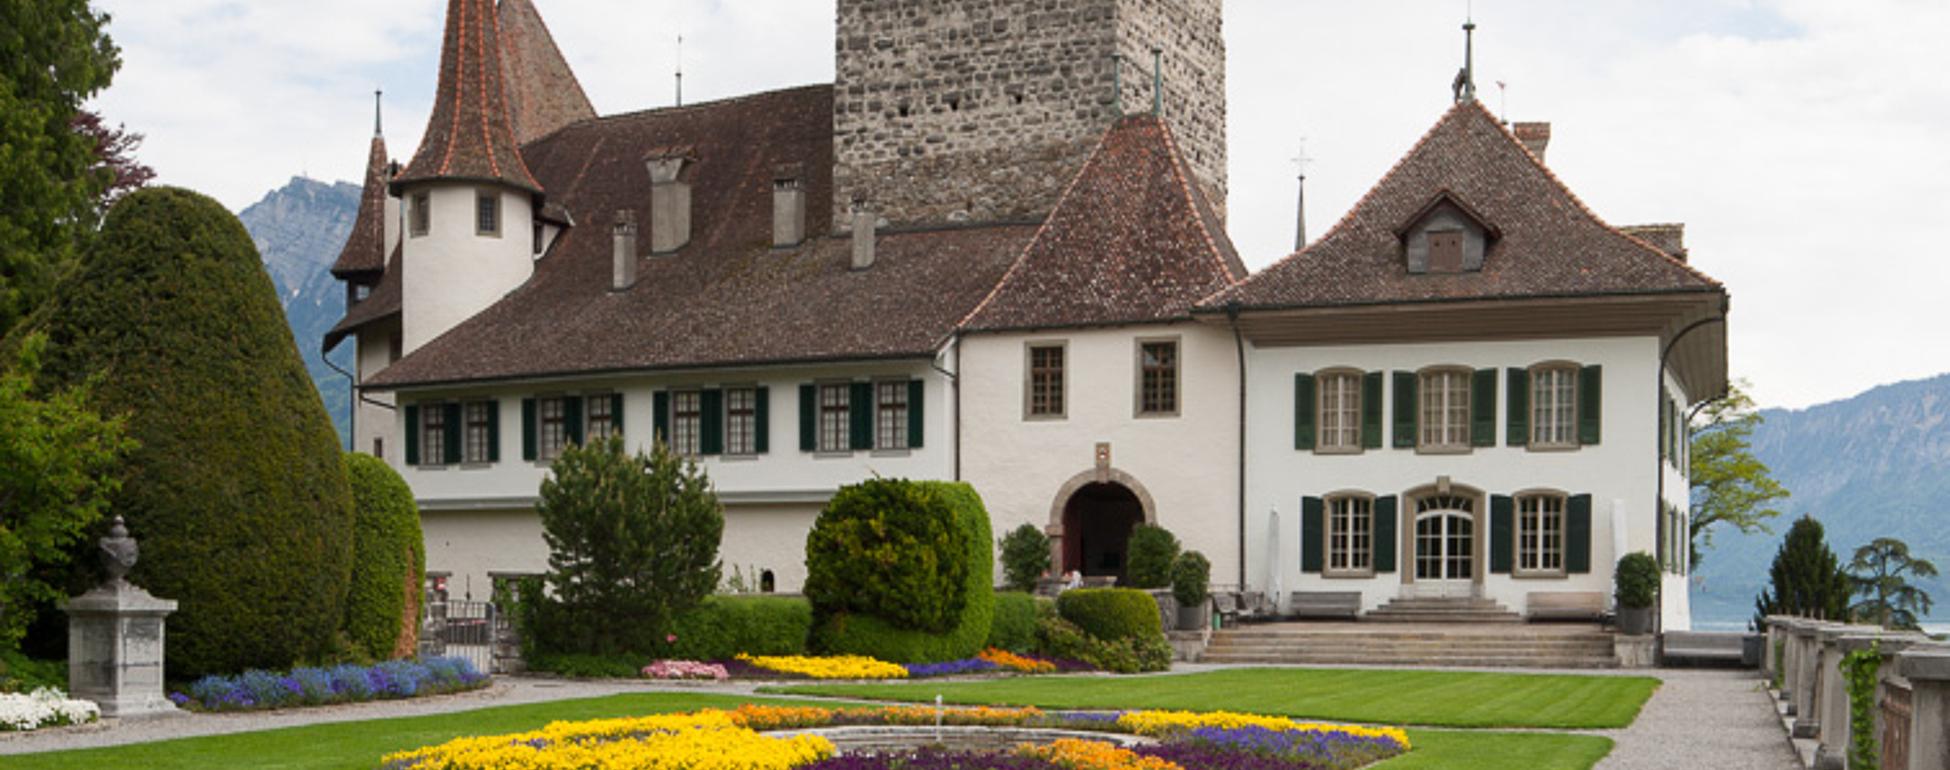 Castello di Spiez